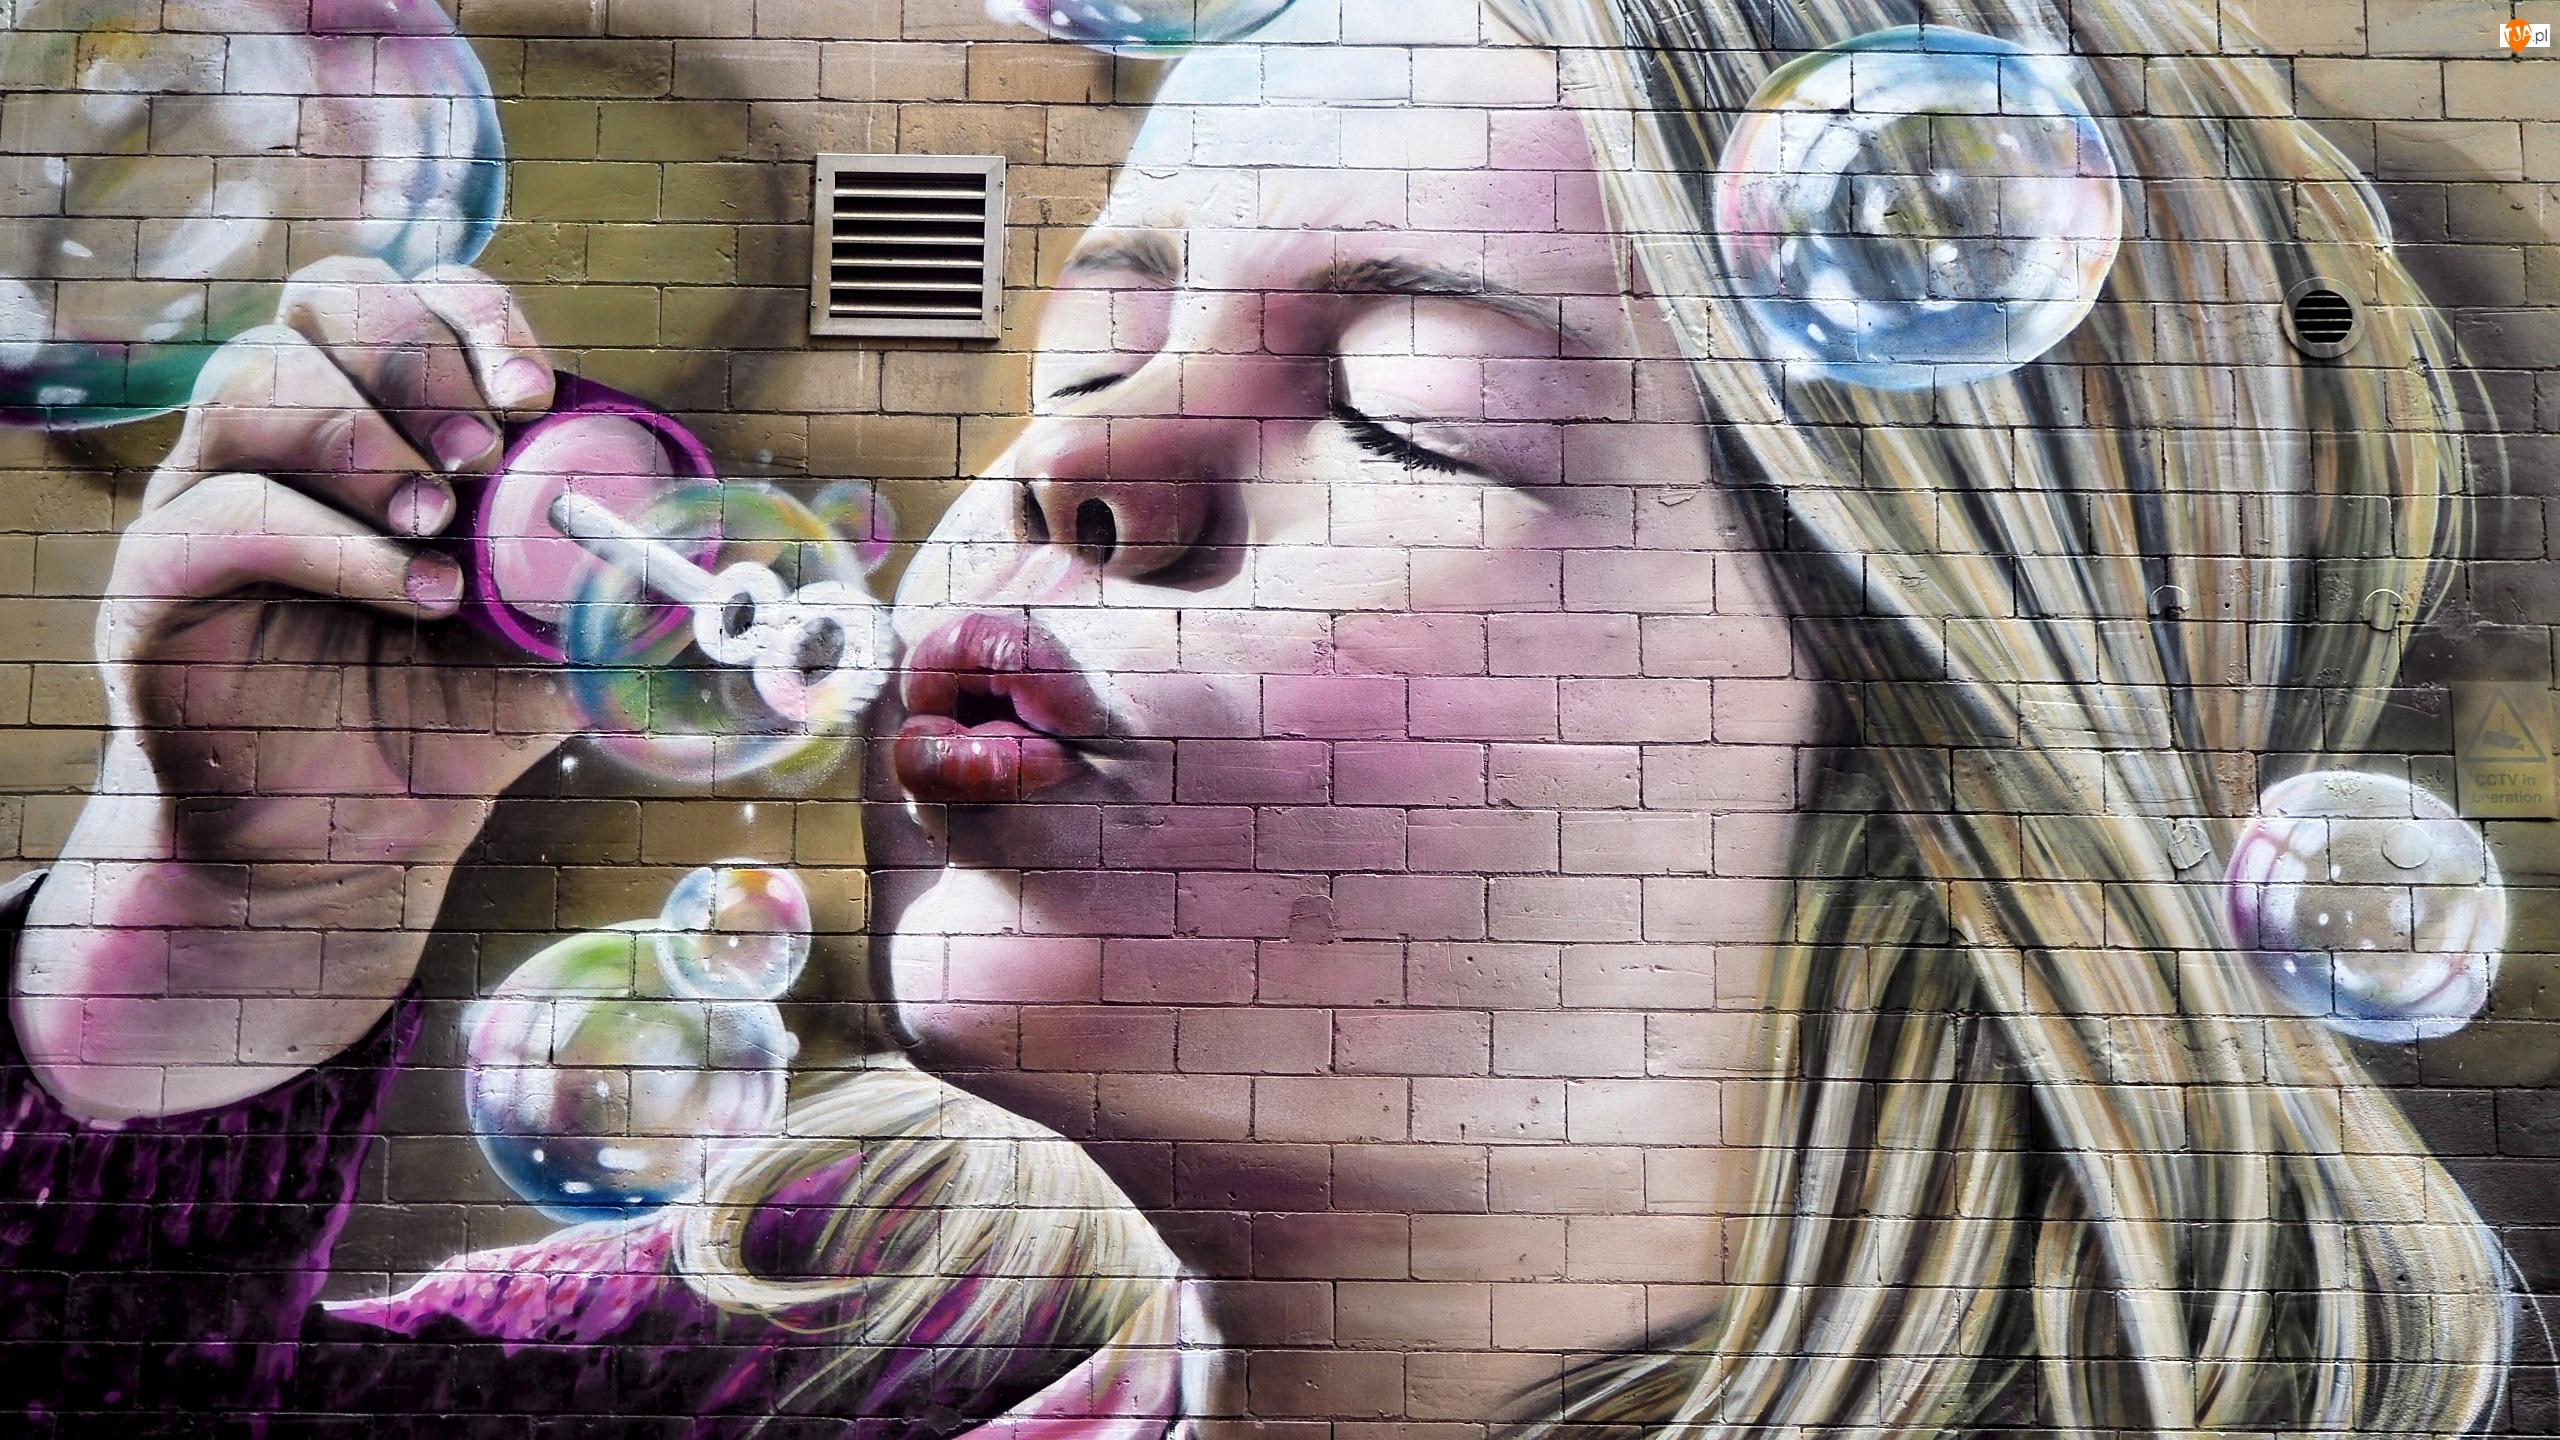 Bańki, Street art, Ściana, Dziewczynka